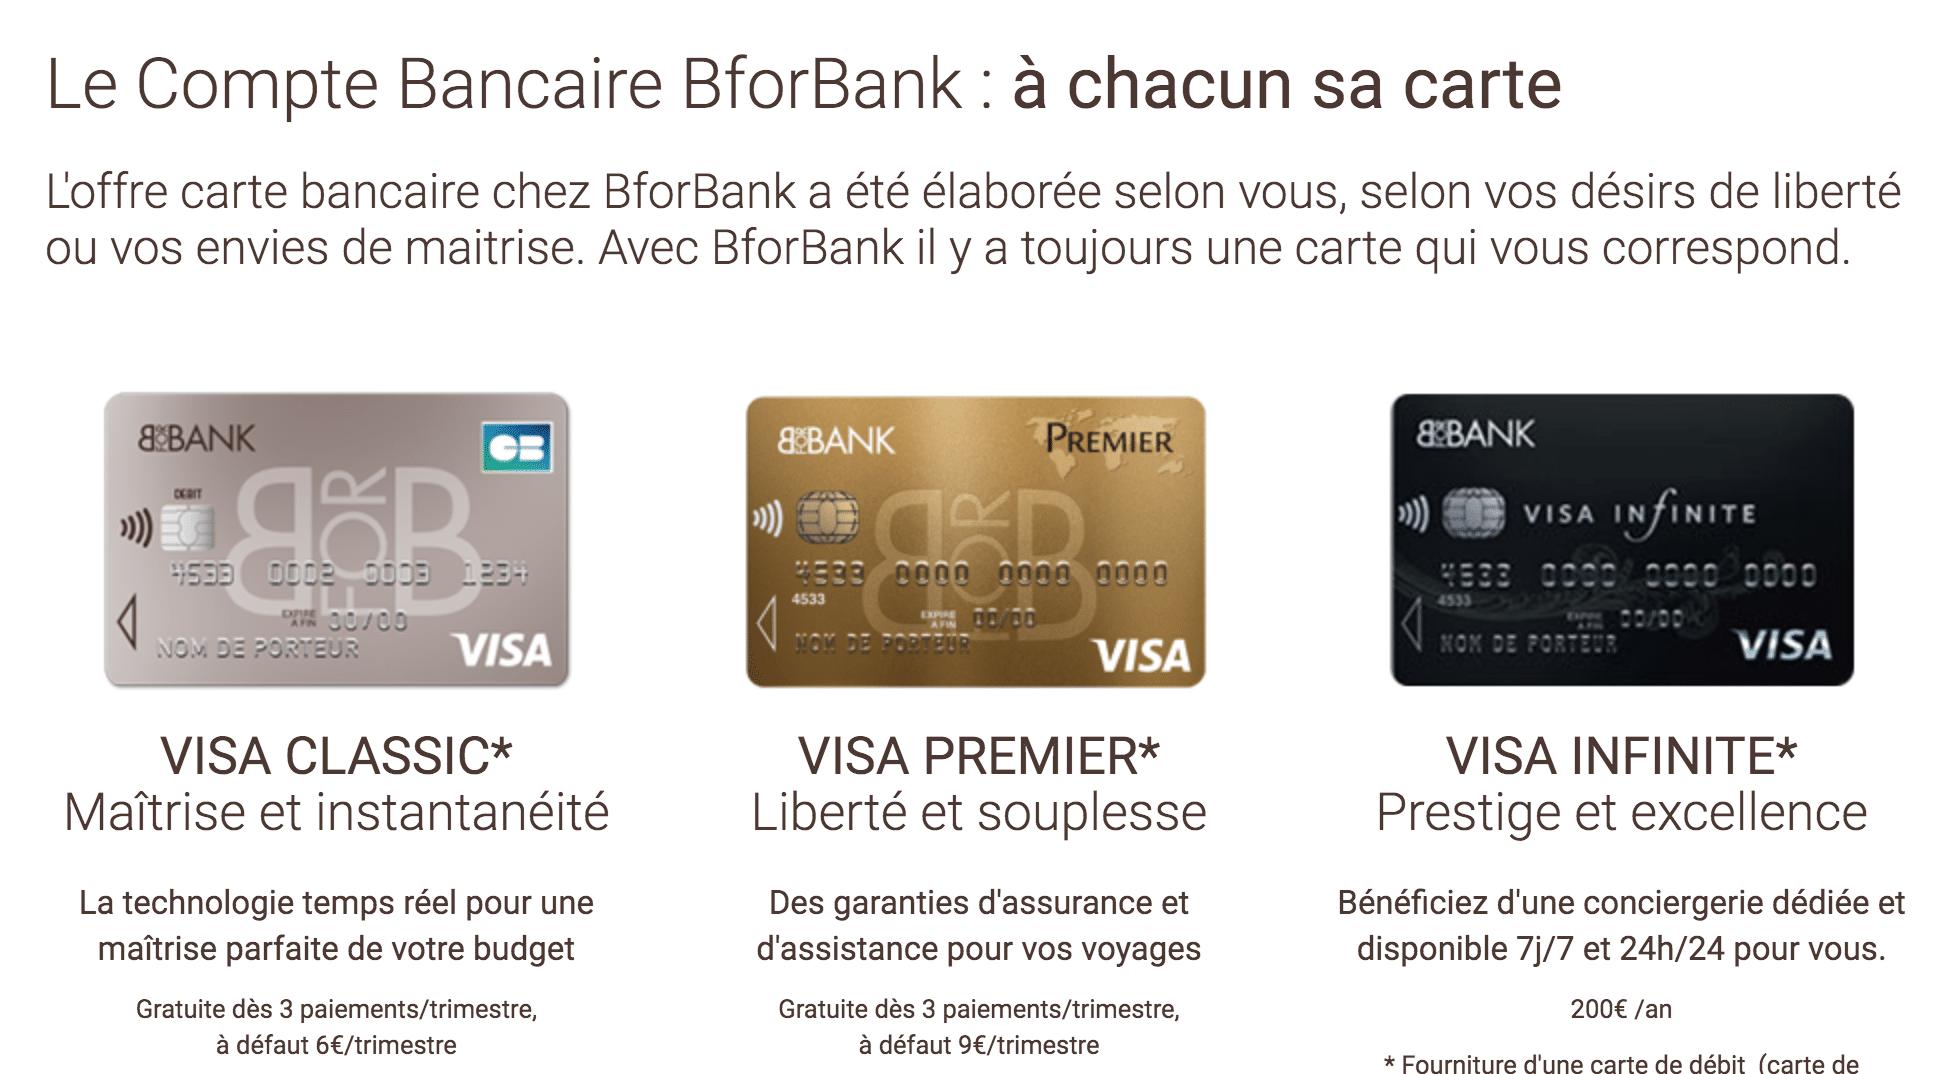 Conditions pour ouvrir un compte BforBank